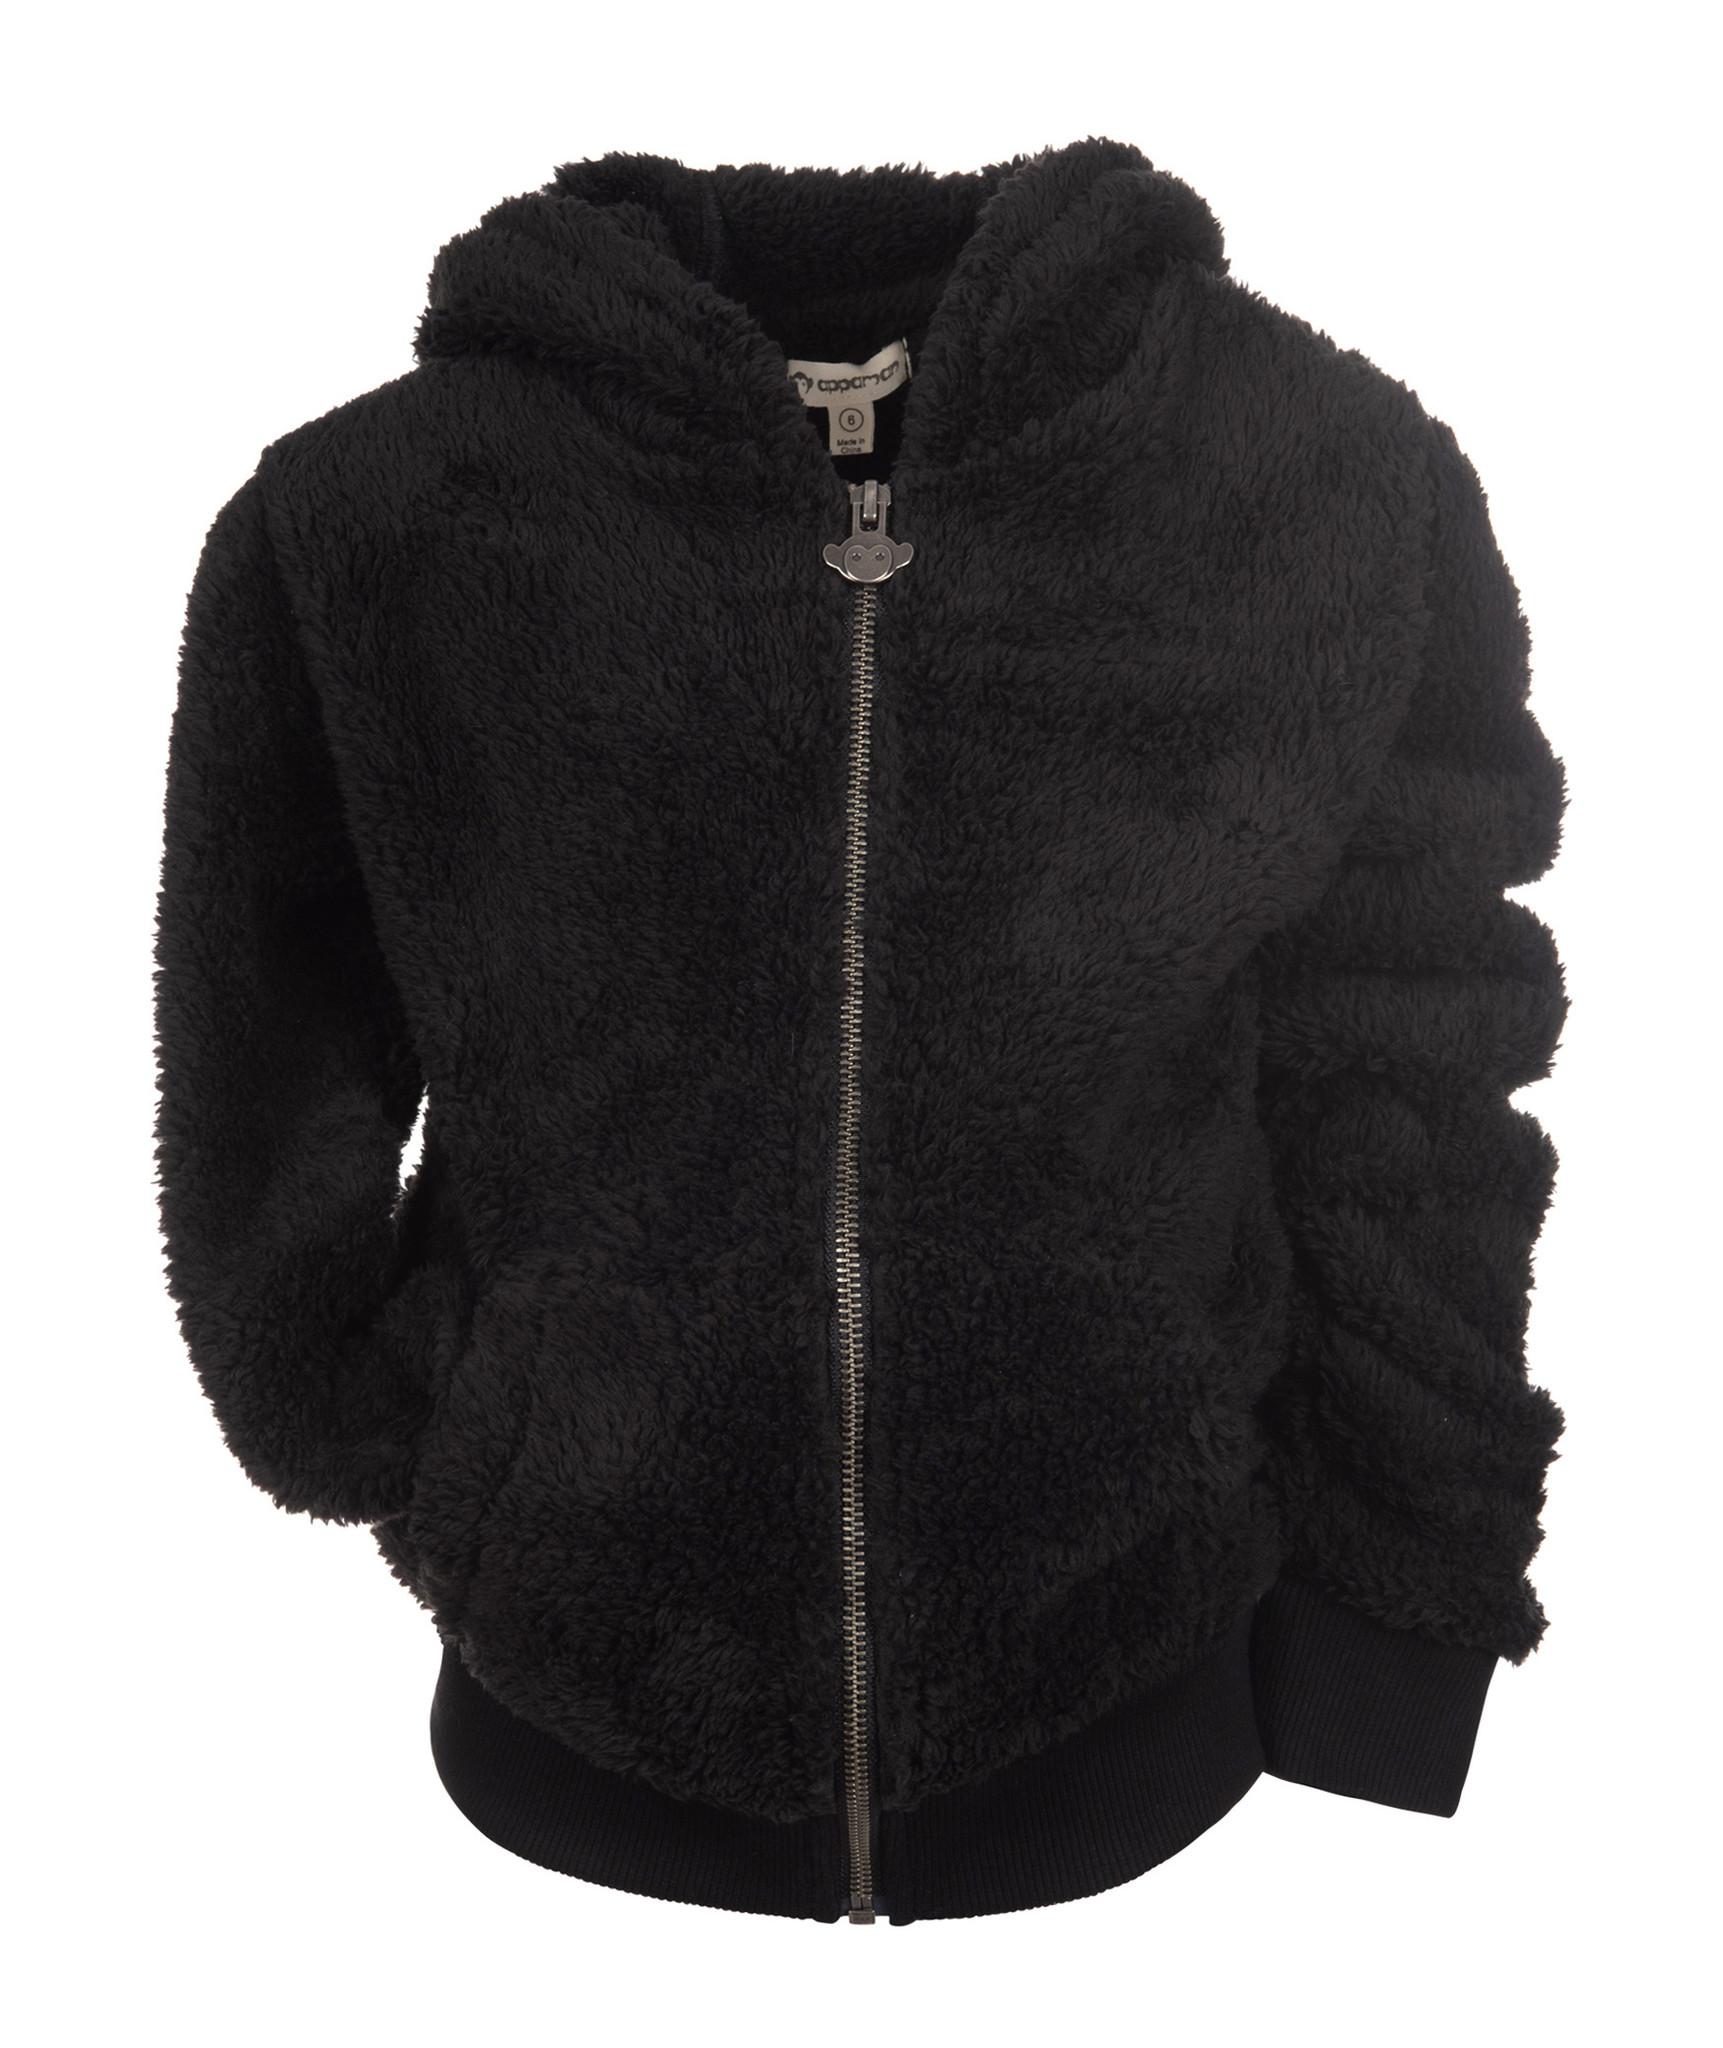 Appaman Black Fuzzy Infant Jacket